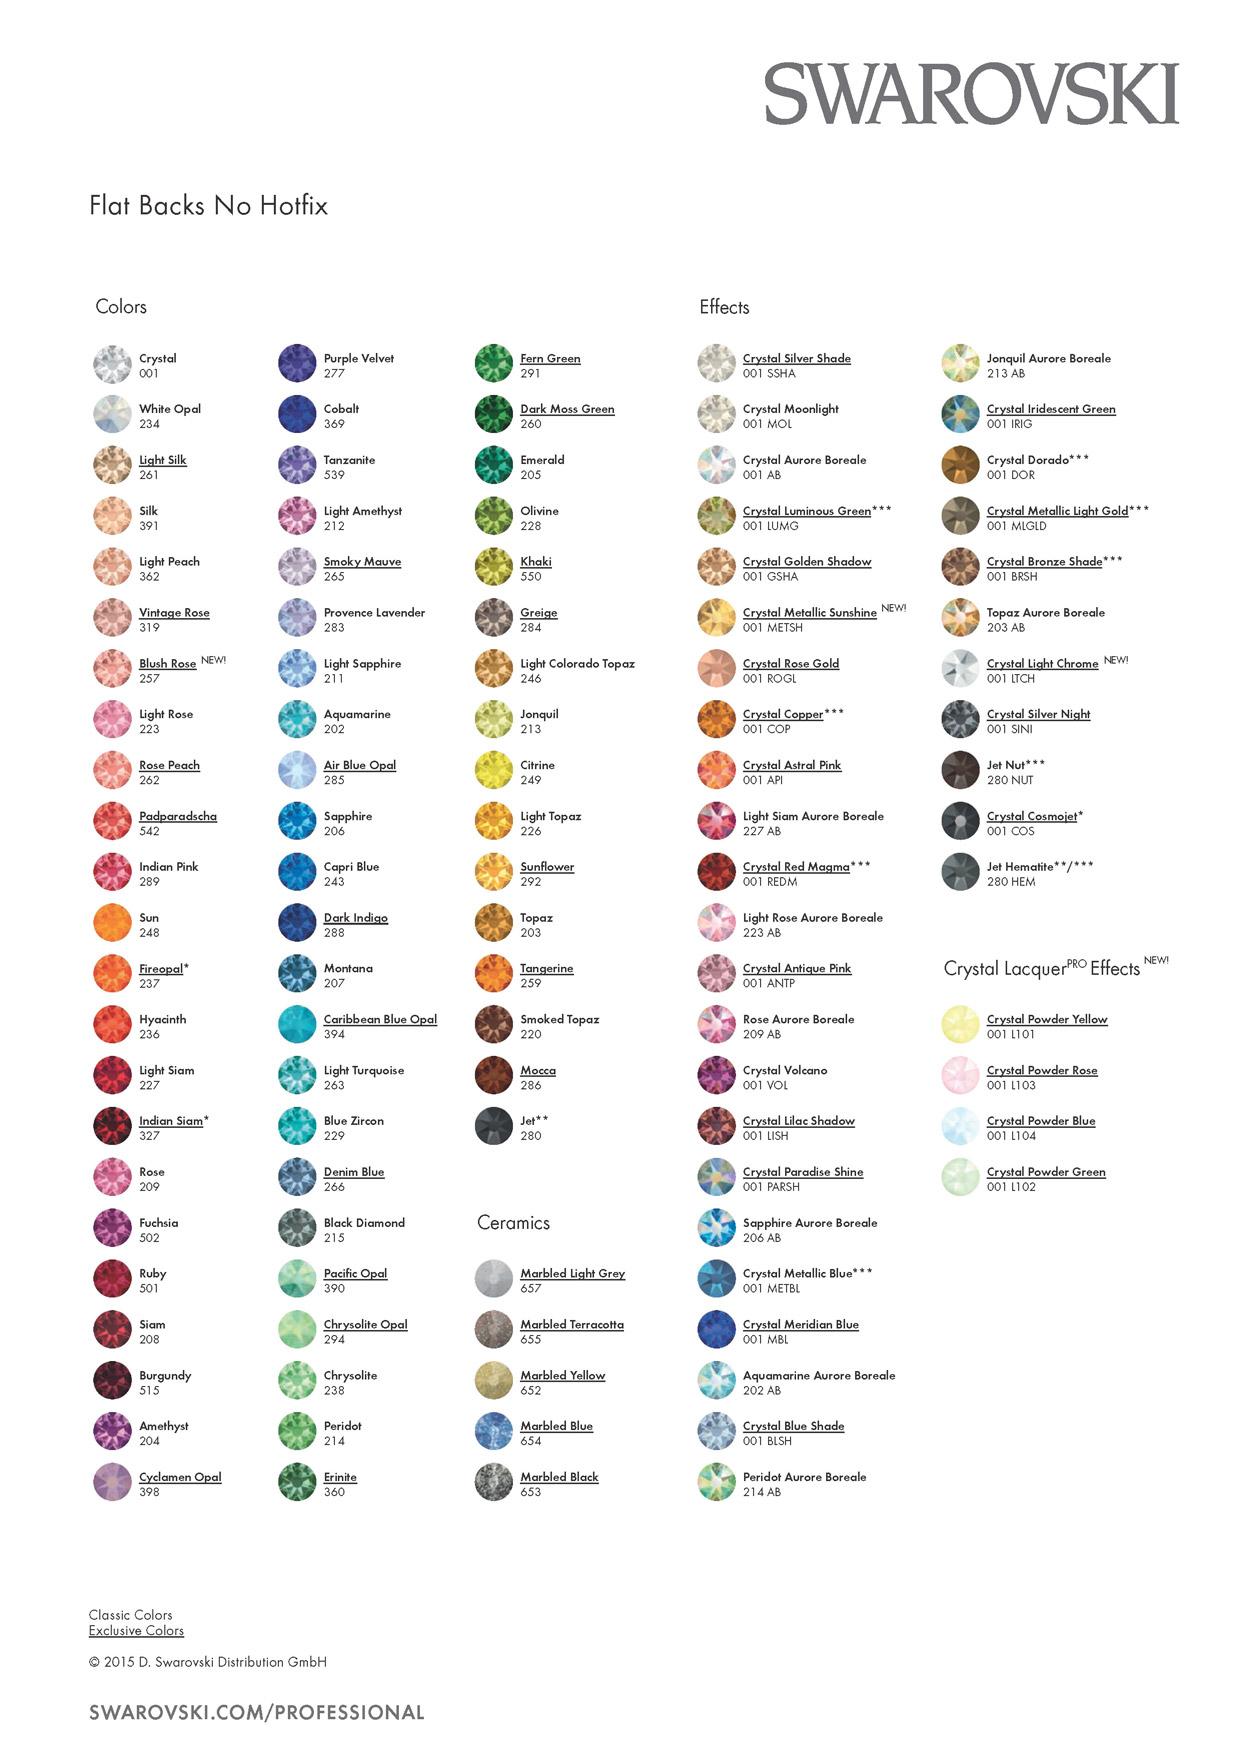 Swarovski Flat back colour chart